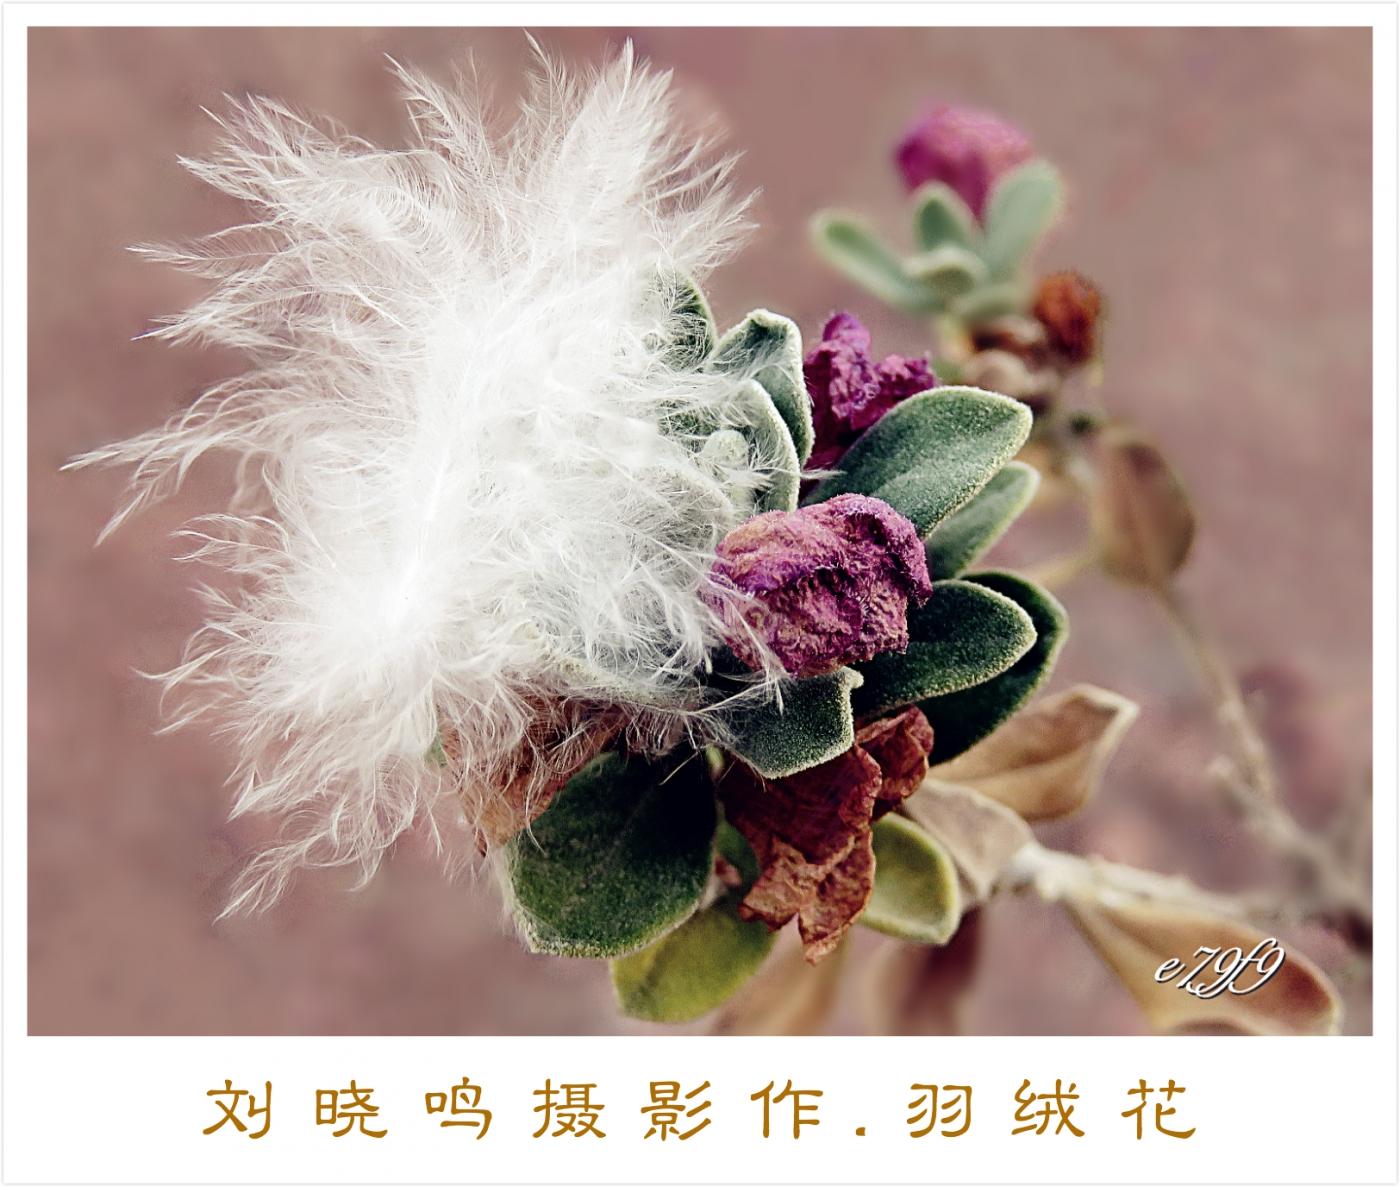 【摄影配诗】羽绒花_图1-1